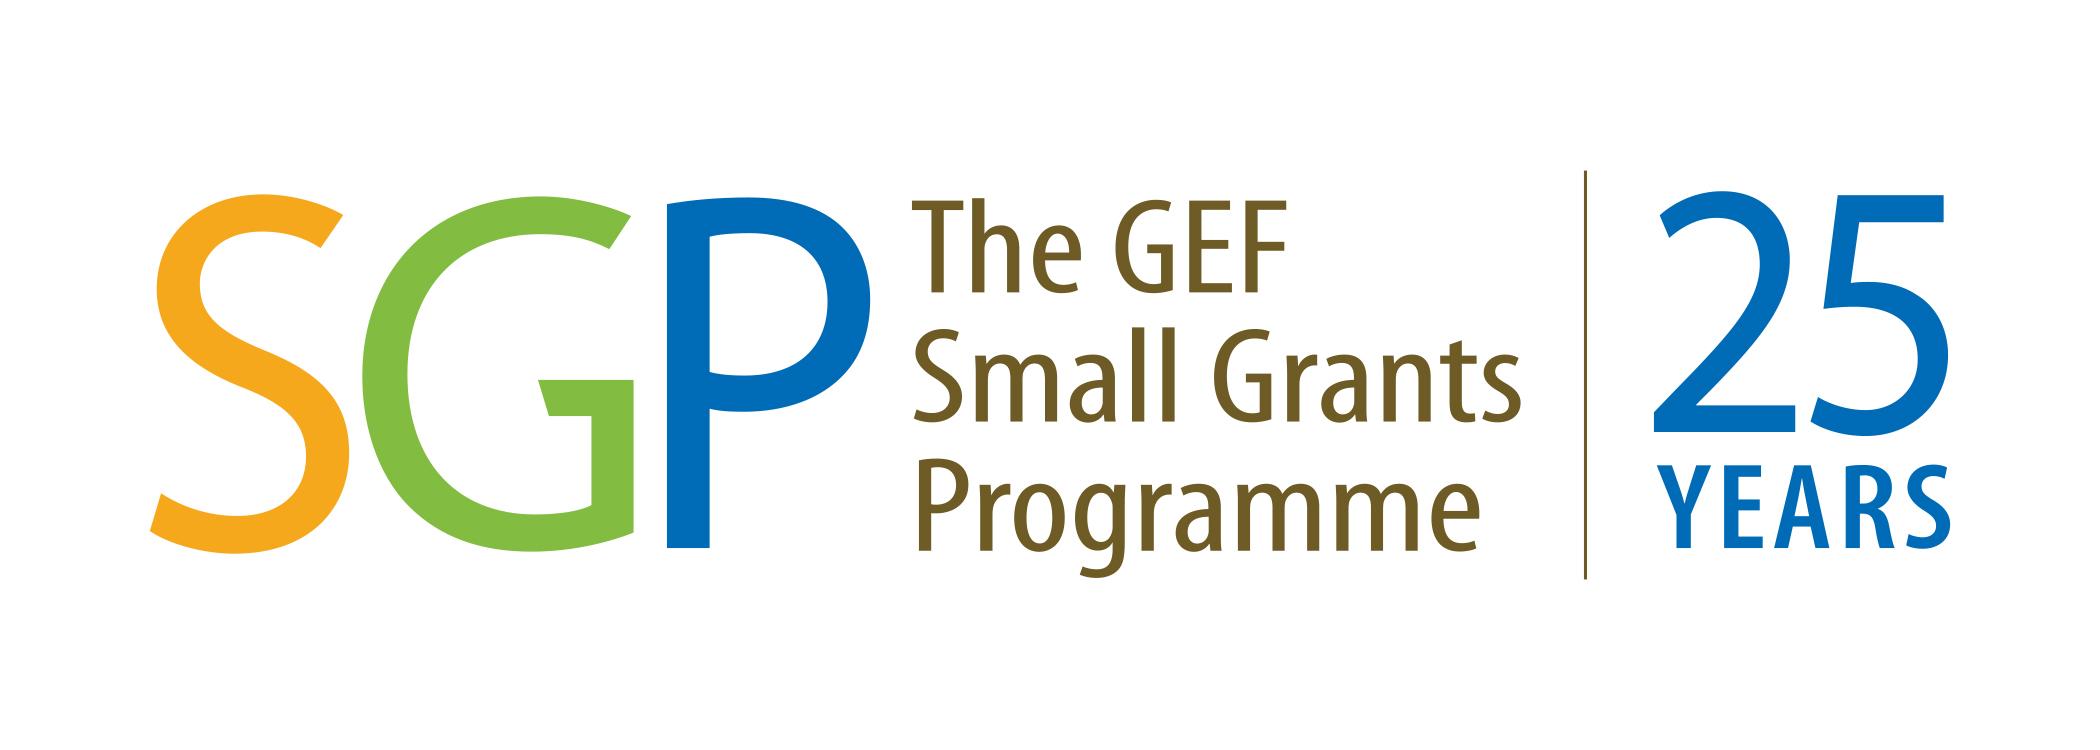 Un nou apel de proiecte – Programul de Granturi Mici (SGP) al Facilităţii Globale de Mediu (GEF)